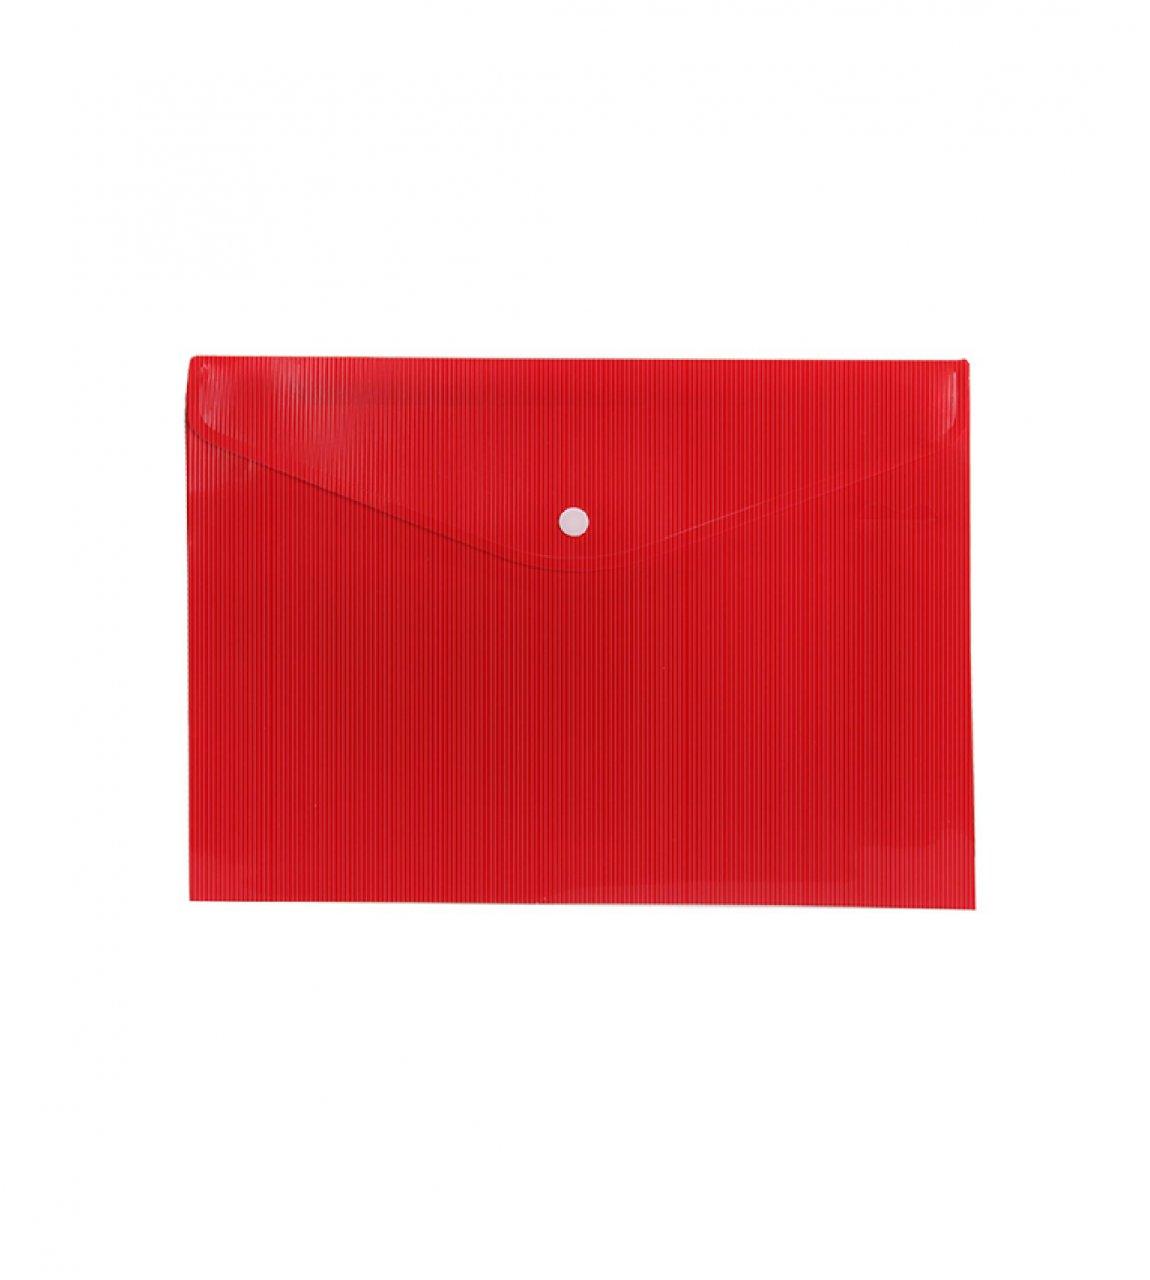 پوشه دکمه دار سایز A4 رنگ قرمز